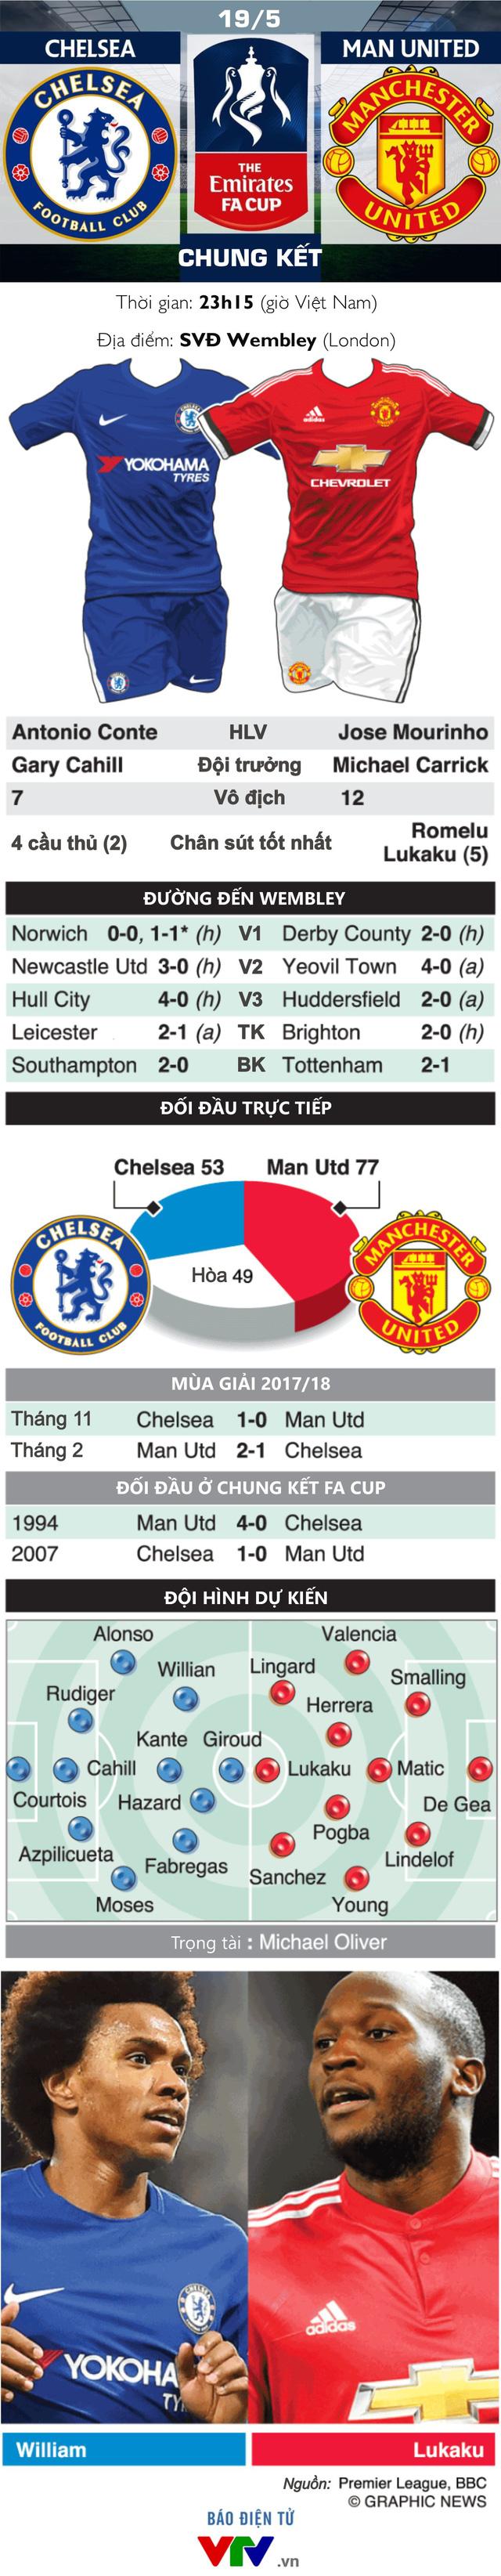 INFOGRAPHIC Chung kết FA Cup, Chelsea - Man Utd: Ngang tài ngang sức - Ảnh 1.